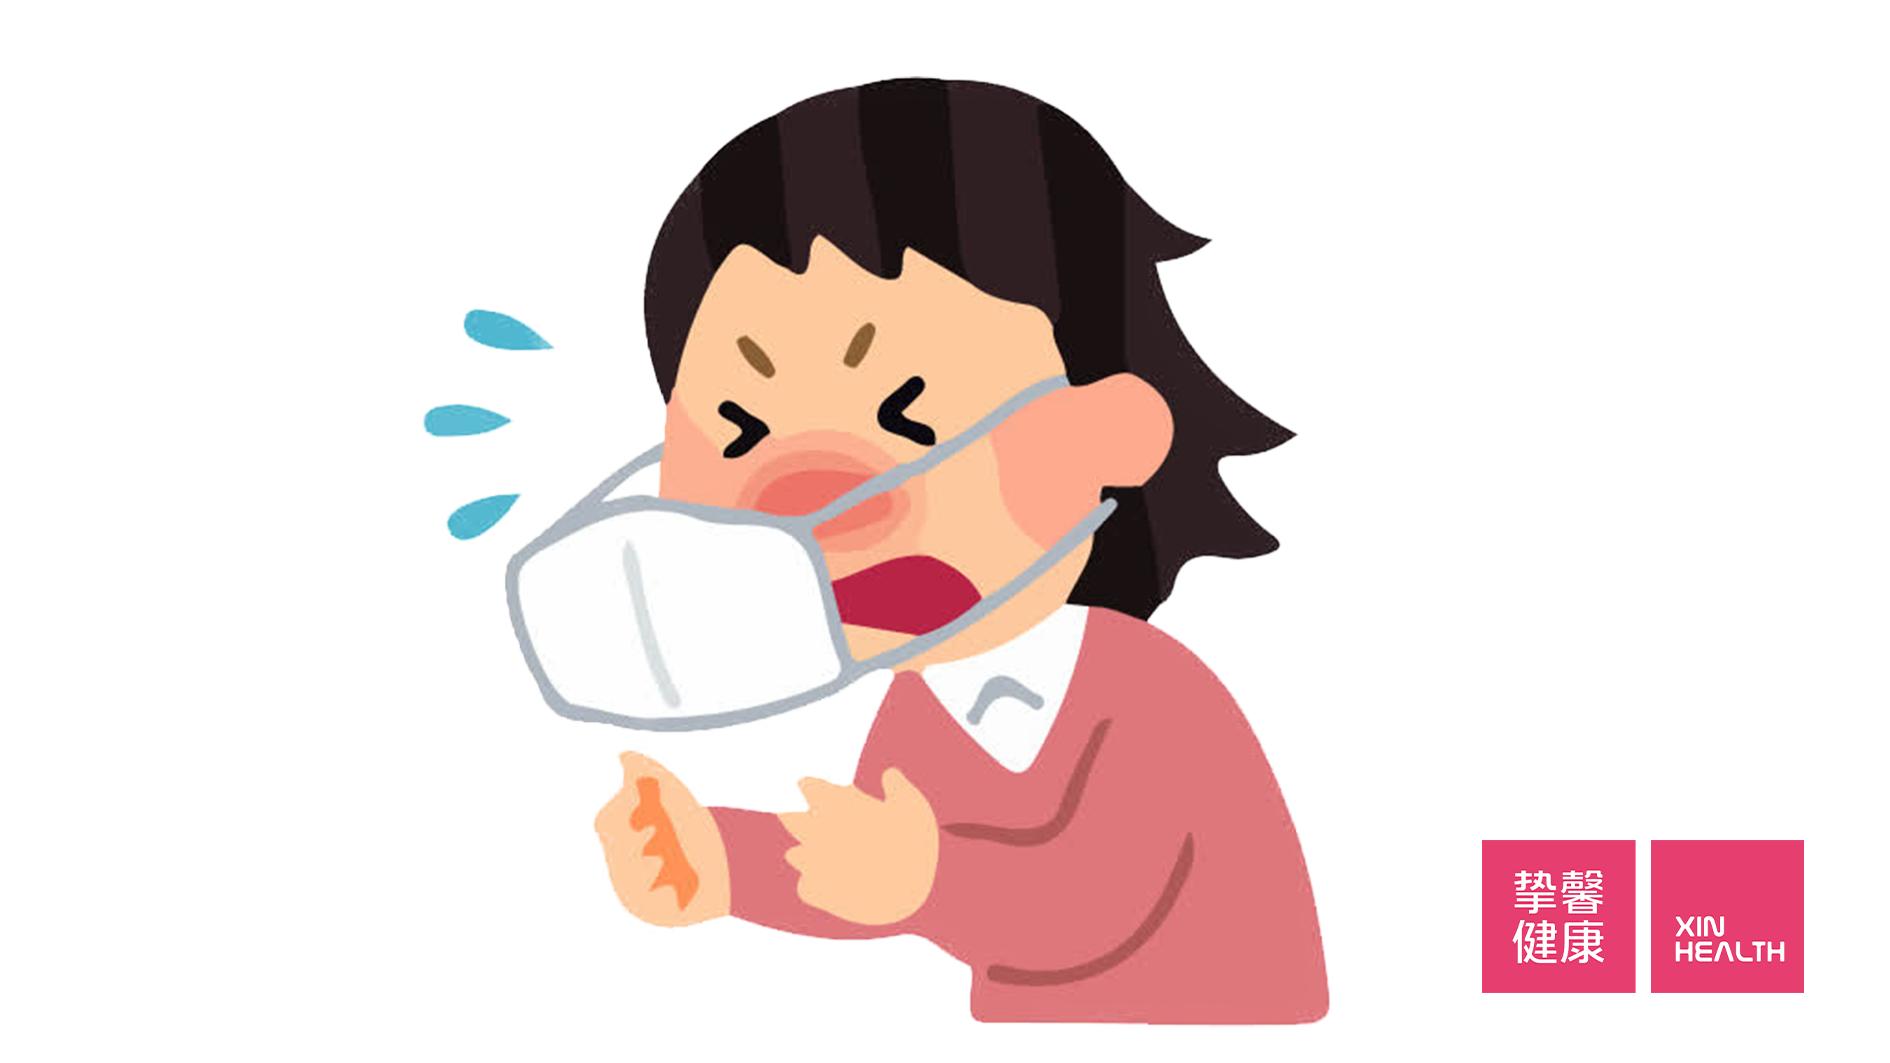 咳嗽是肺结核患者的常见症状